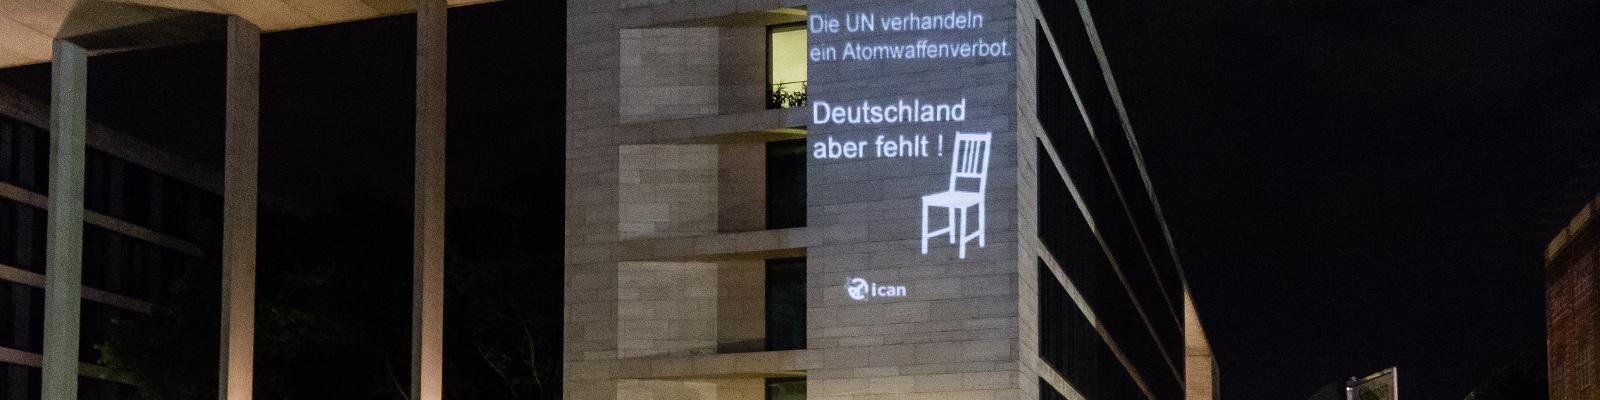 Umfrage: 75 Prozent wollen deutsche Beteiligung an UN-Verhandlungen zu Atomwaffen-Verbot